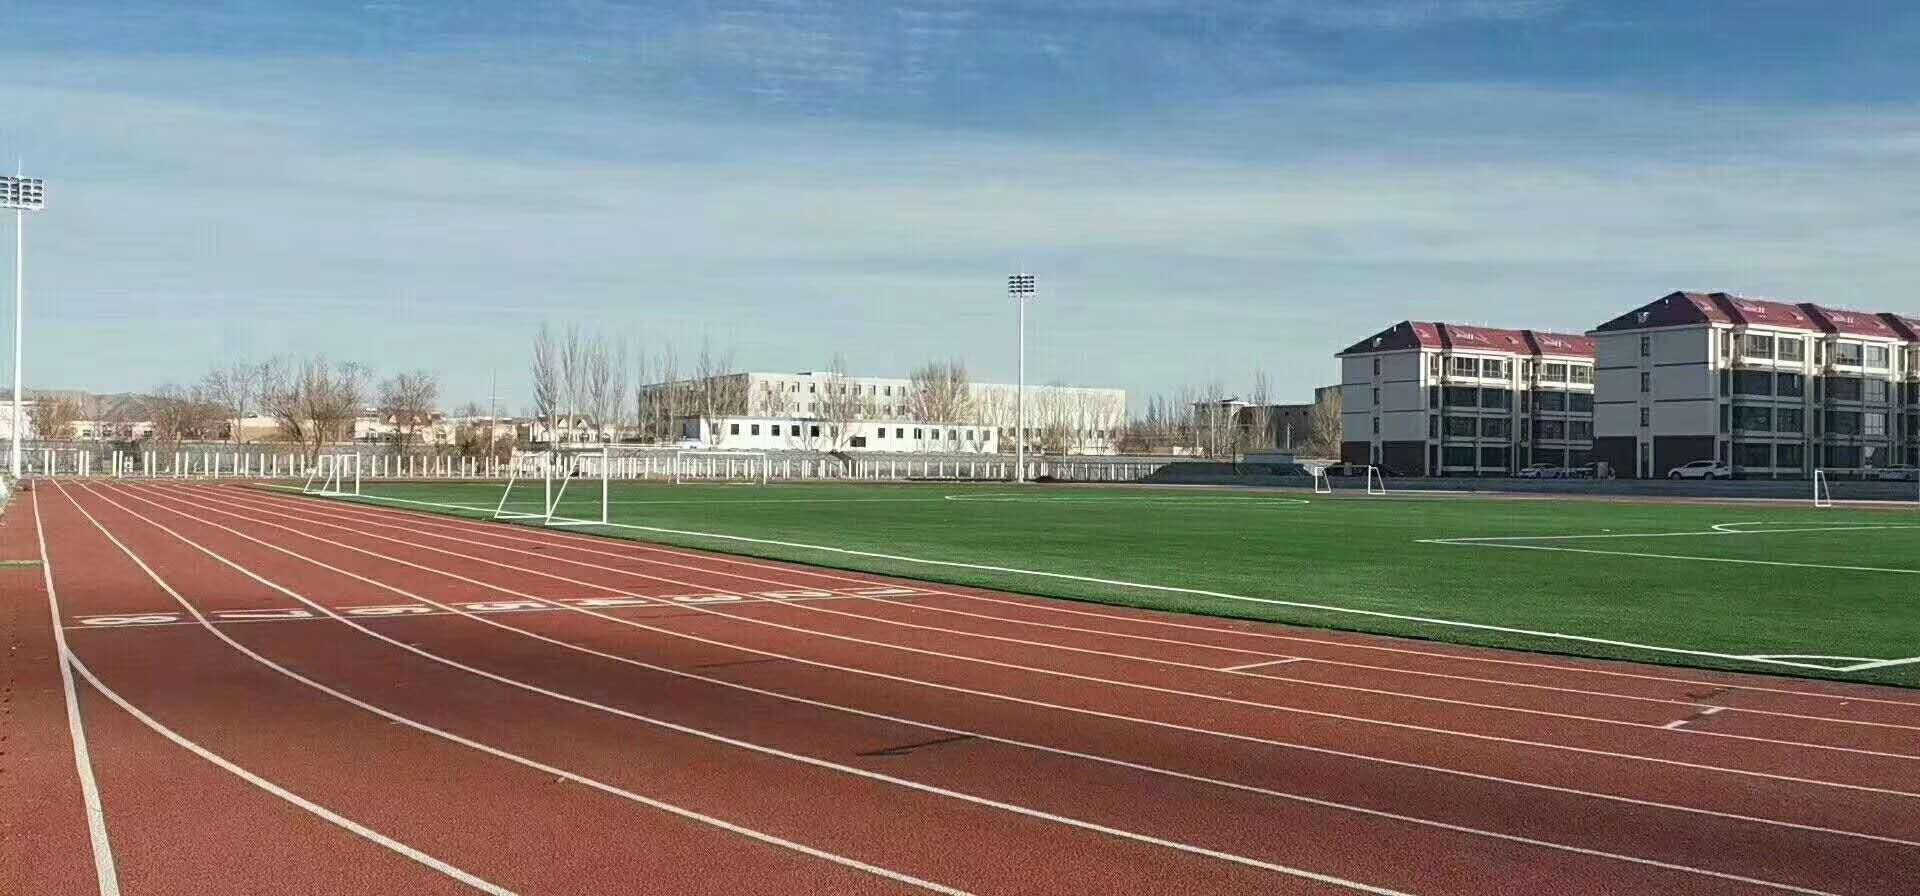 宁德万平新国标跑道球场提前8天完工通过中国田协验收、